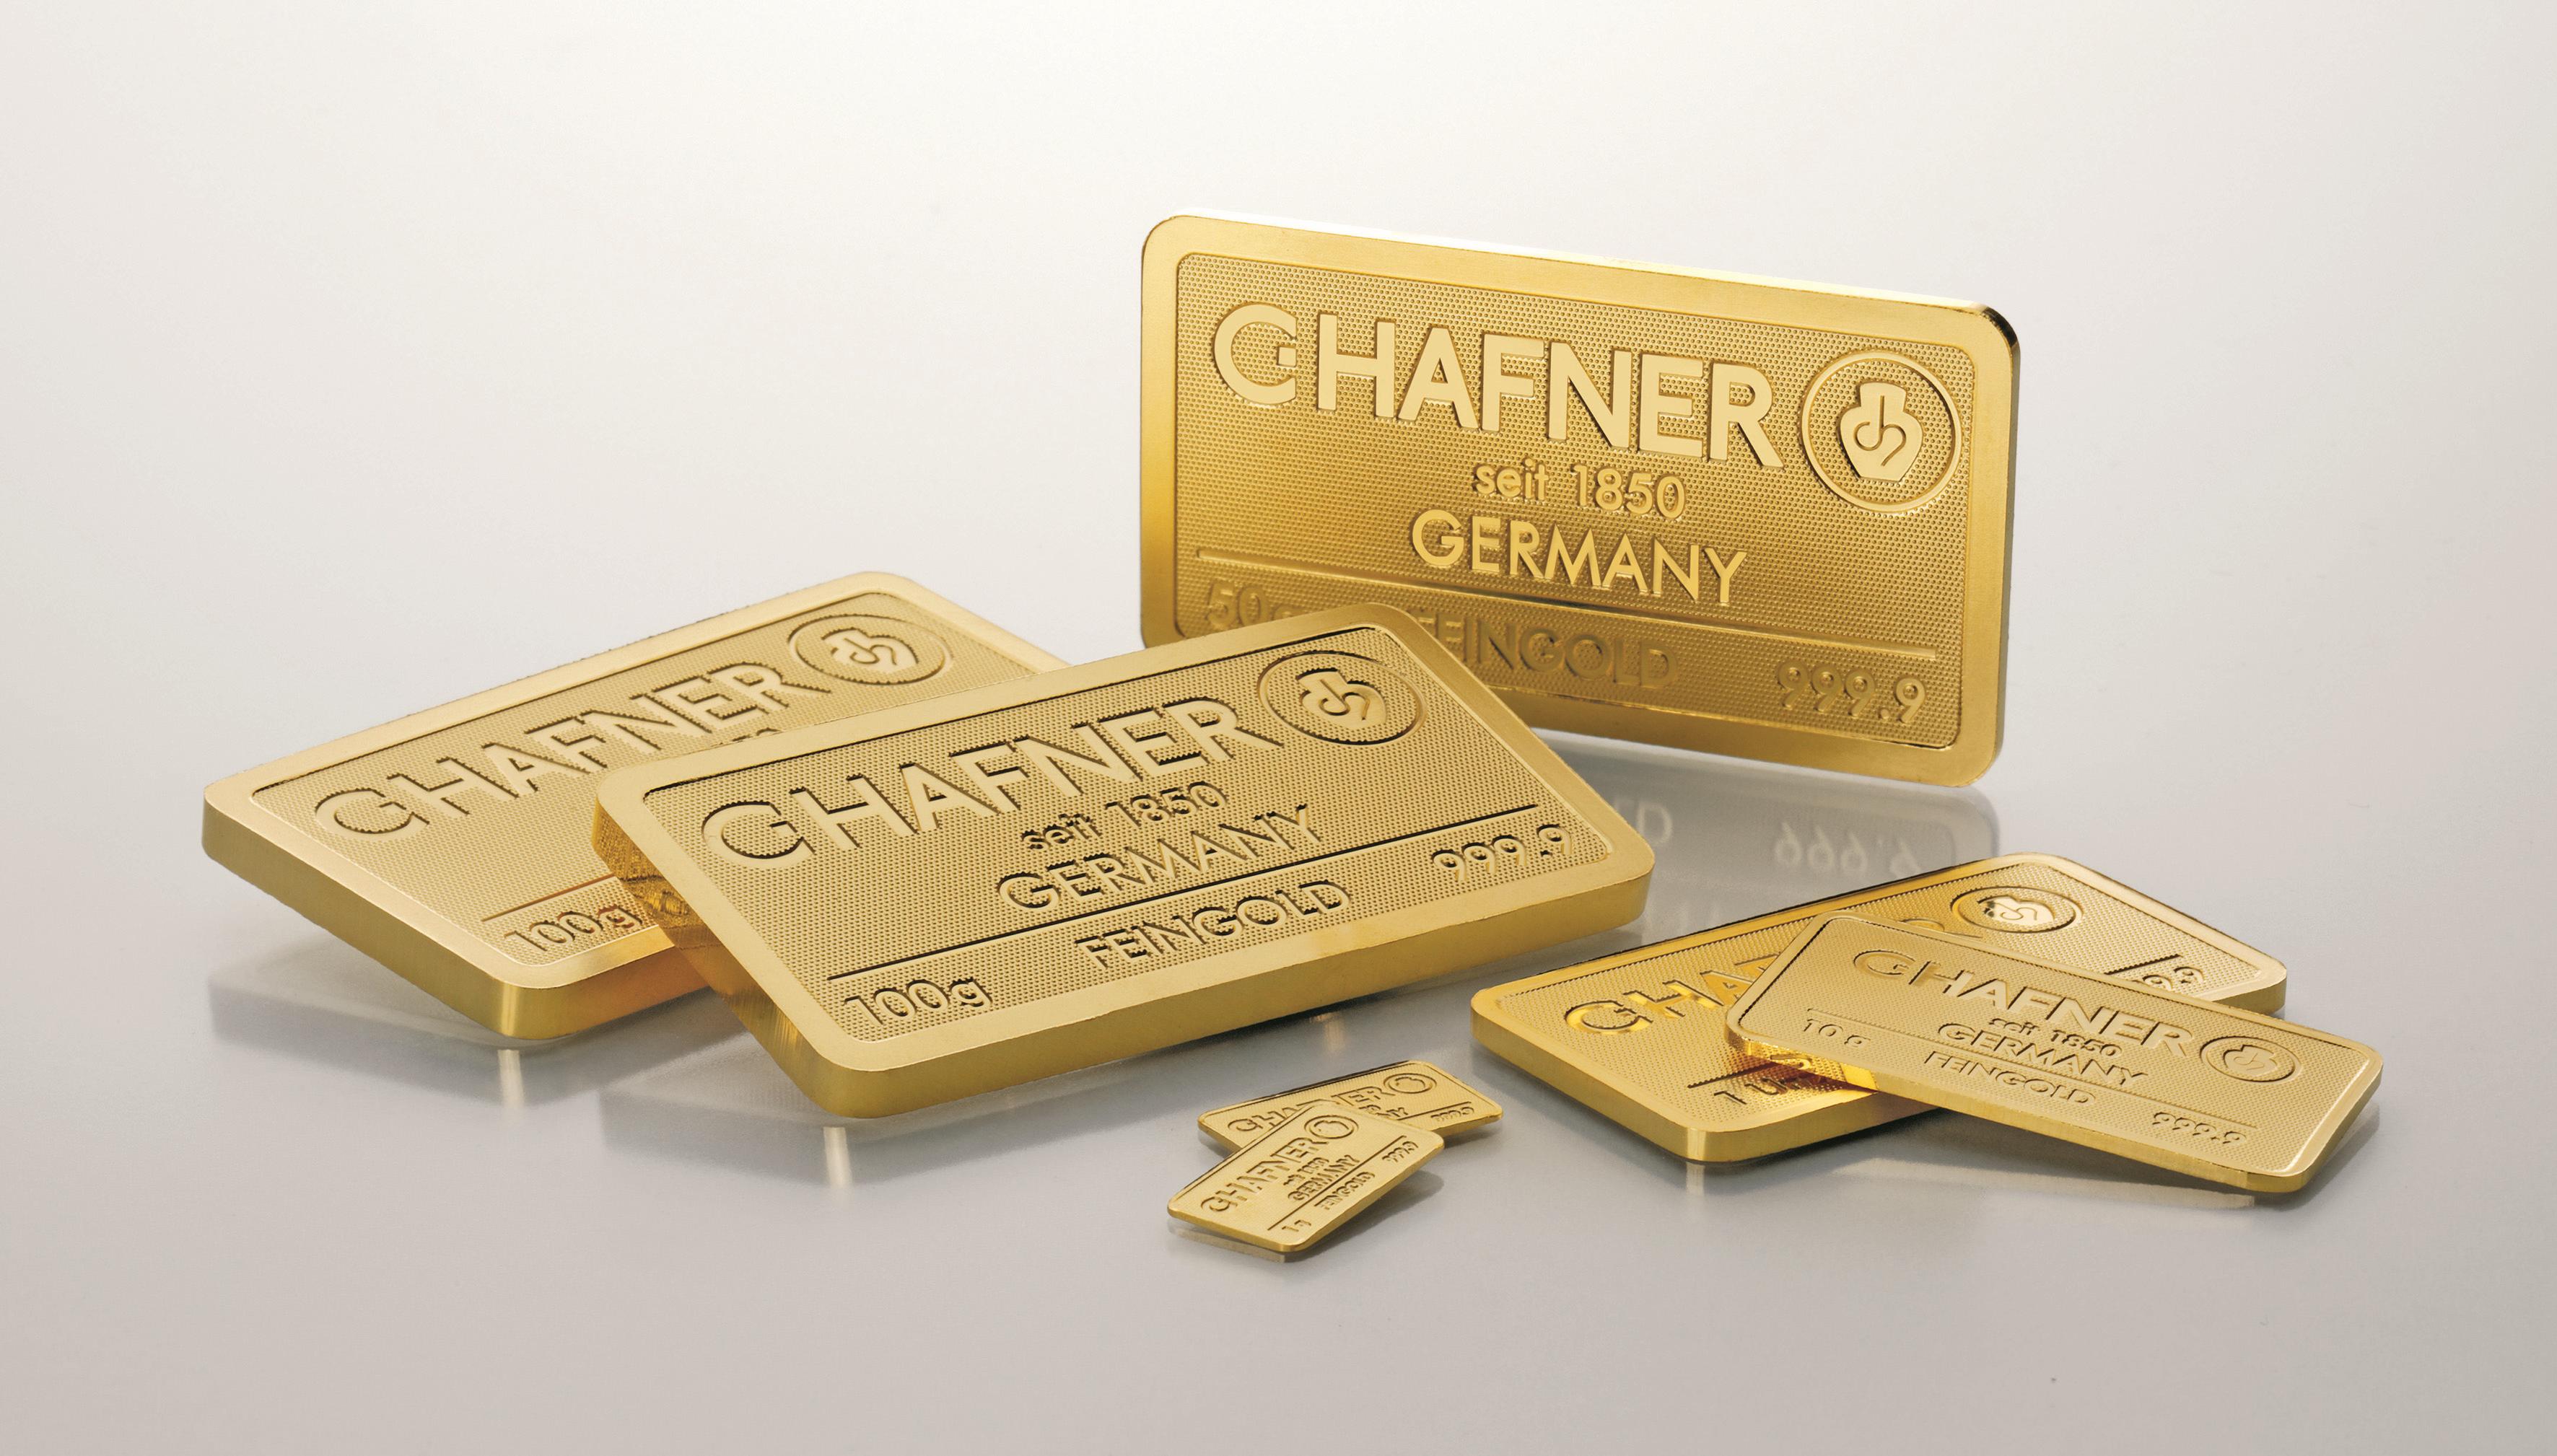 Goldbarren Von C Hafner Gunstig Kaufen Auf Goldsilbershop De Gold And Silver Coins Gold Bullion Gold